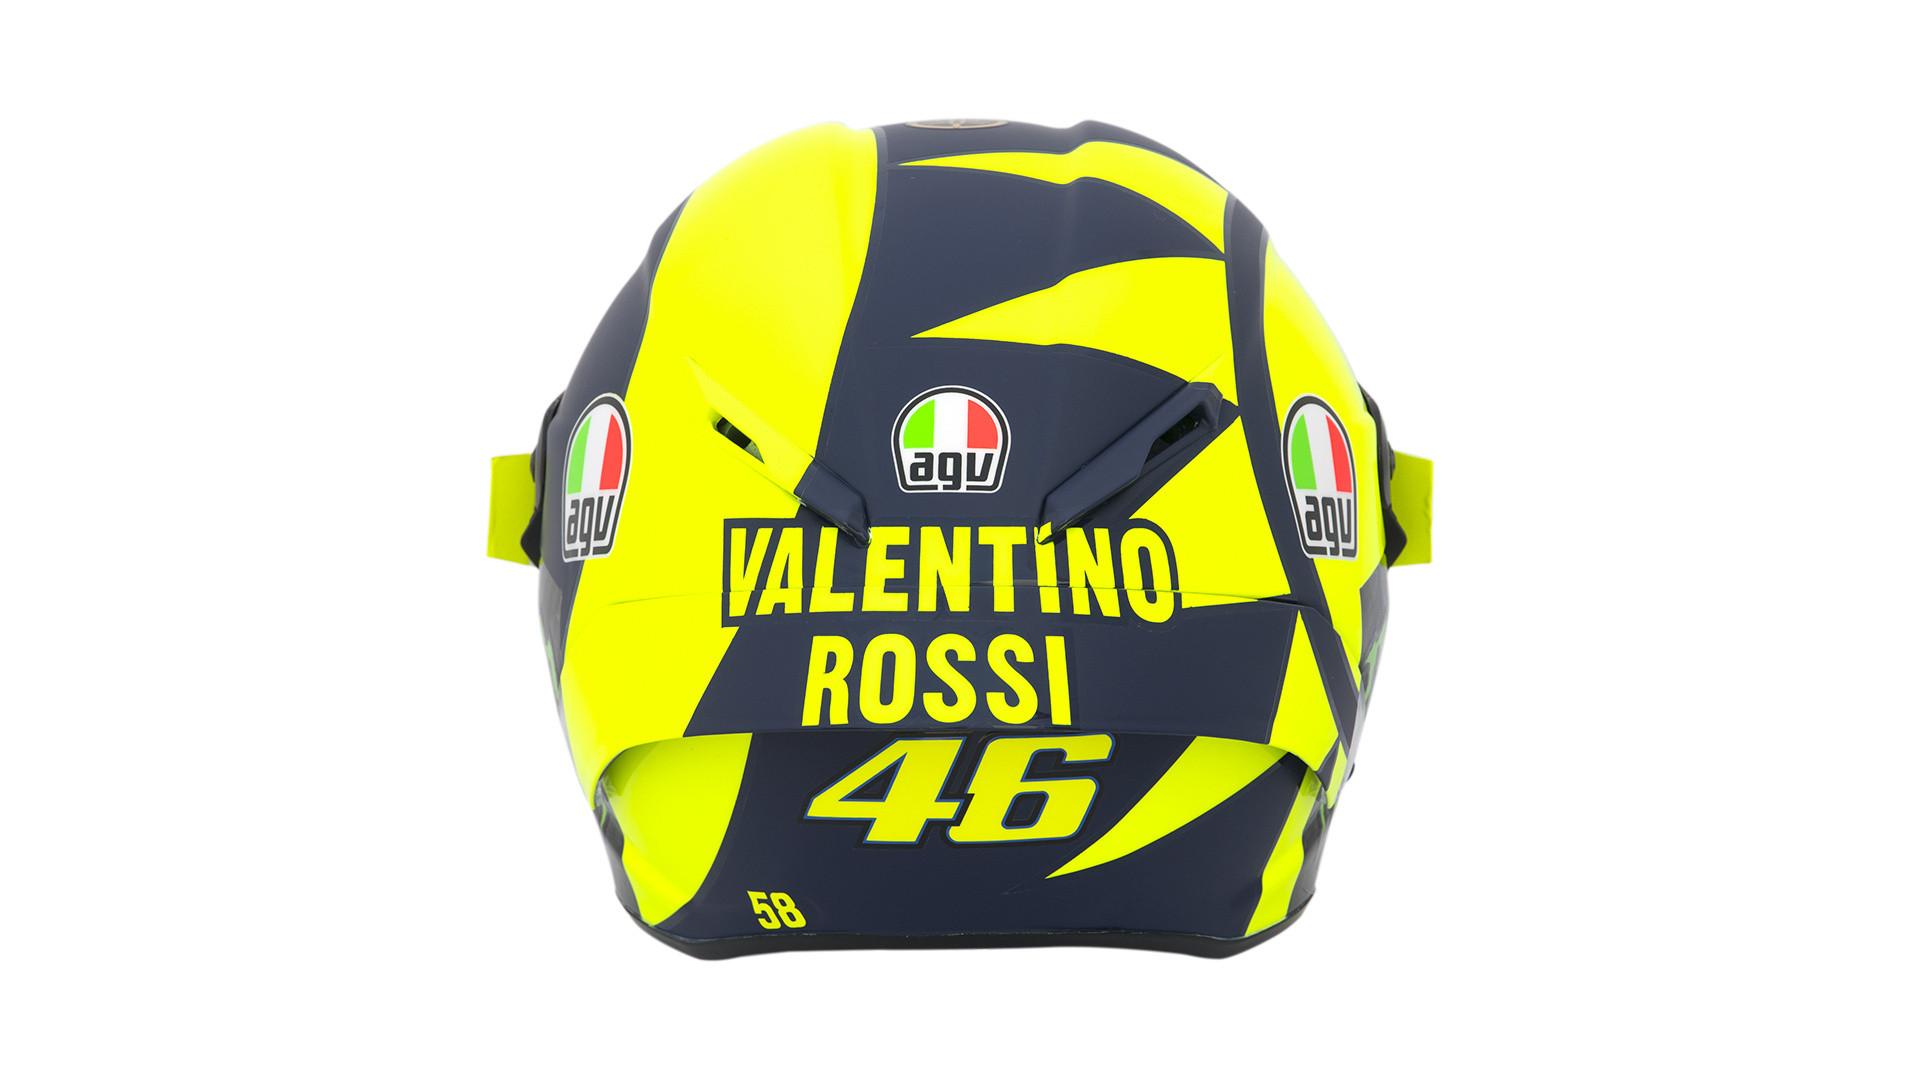 Valentino Rossi Unveils New Soleluna Design On AGV Pista GP R